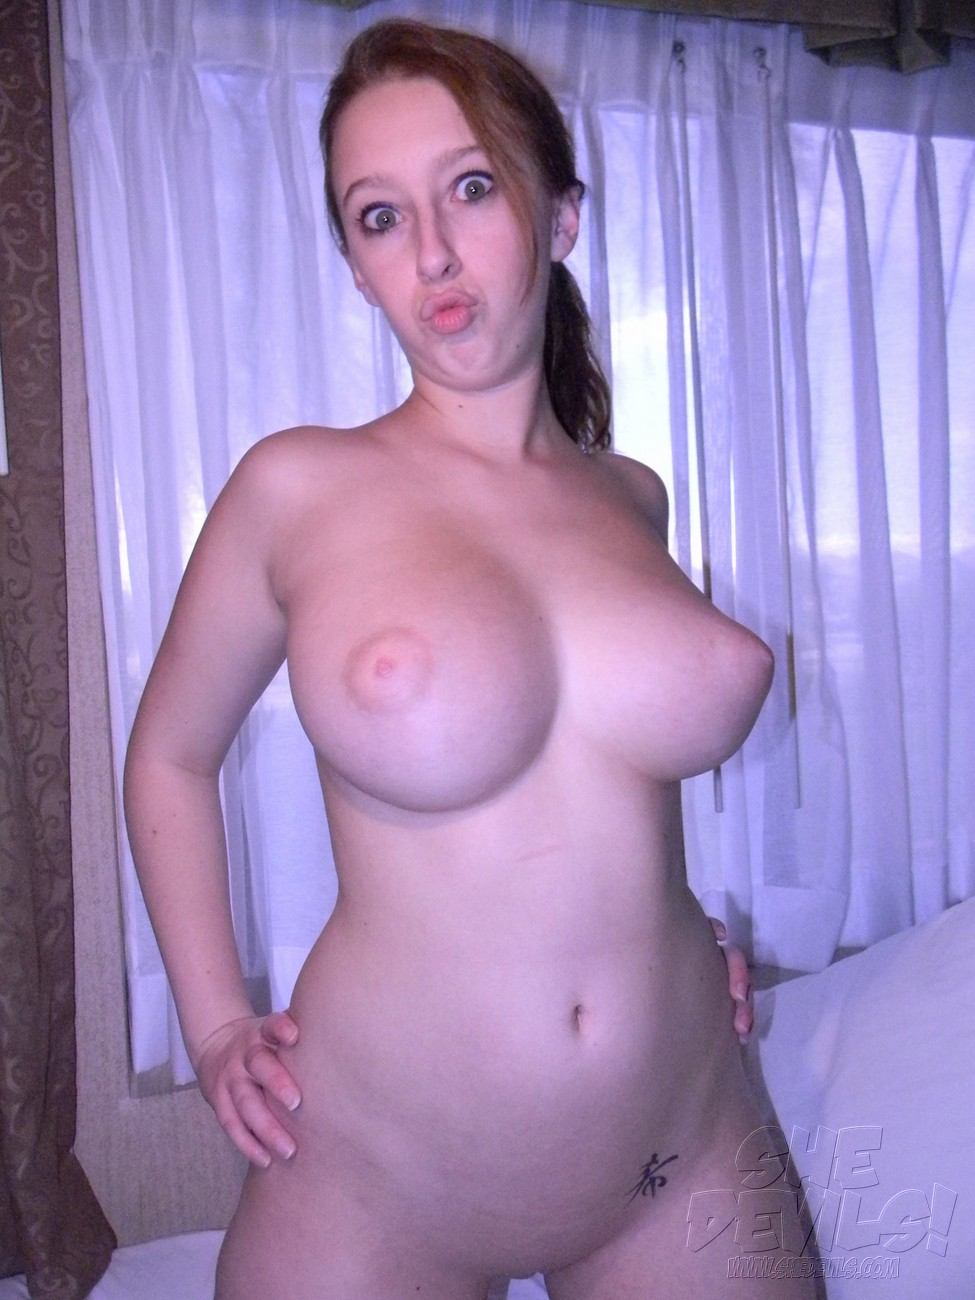 Cosplay big boobs and nude